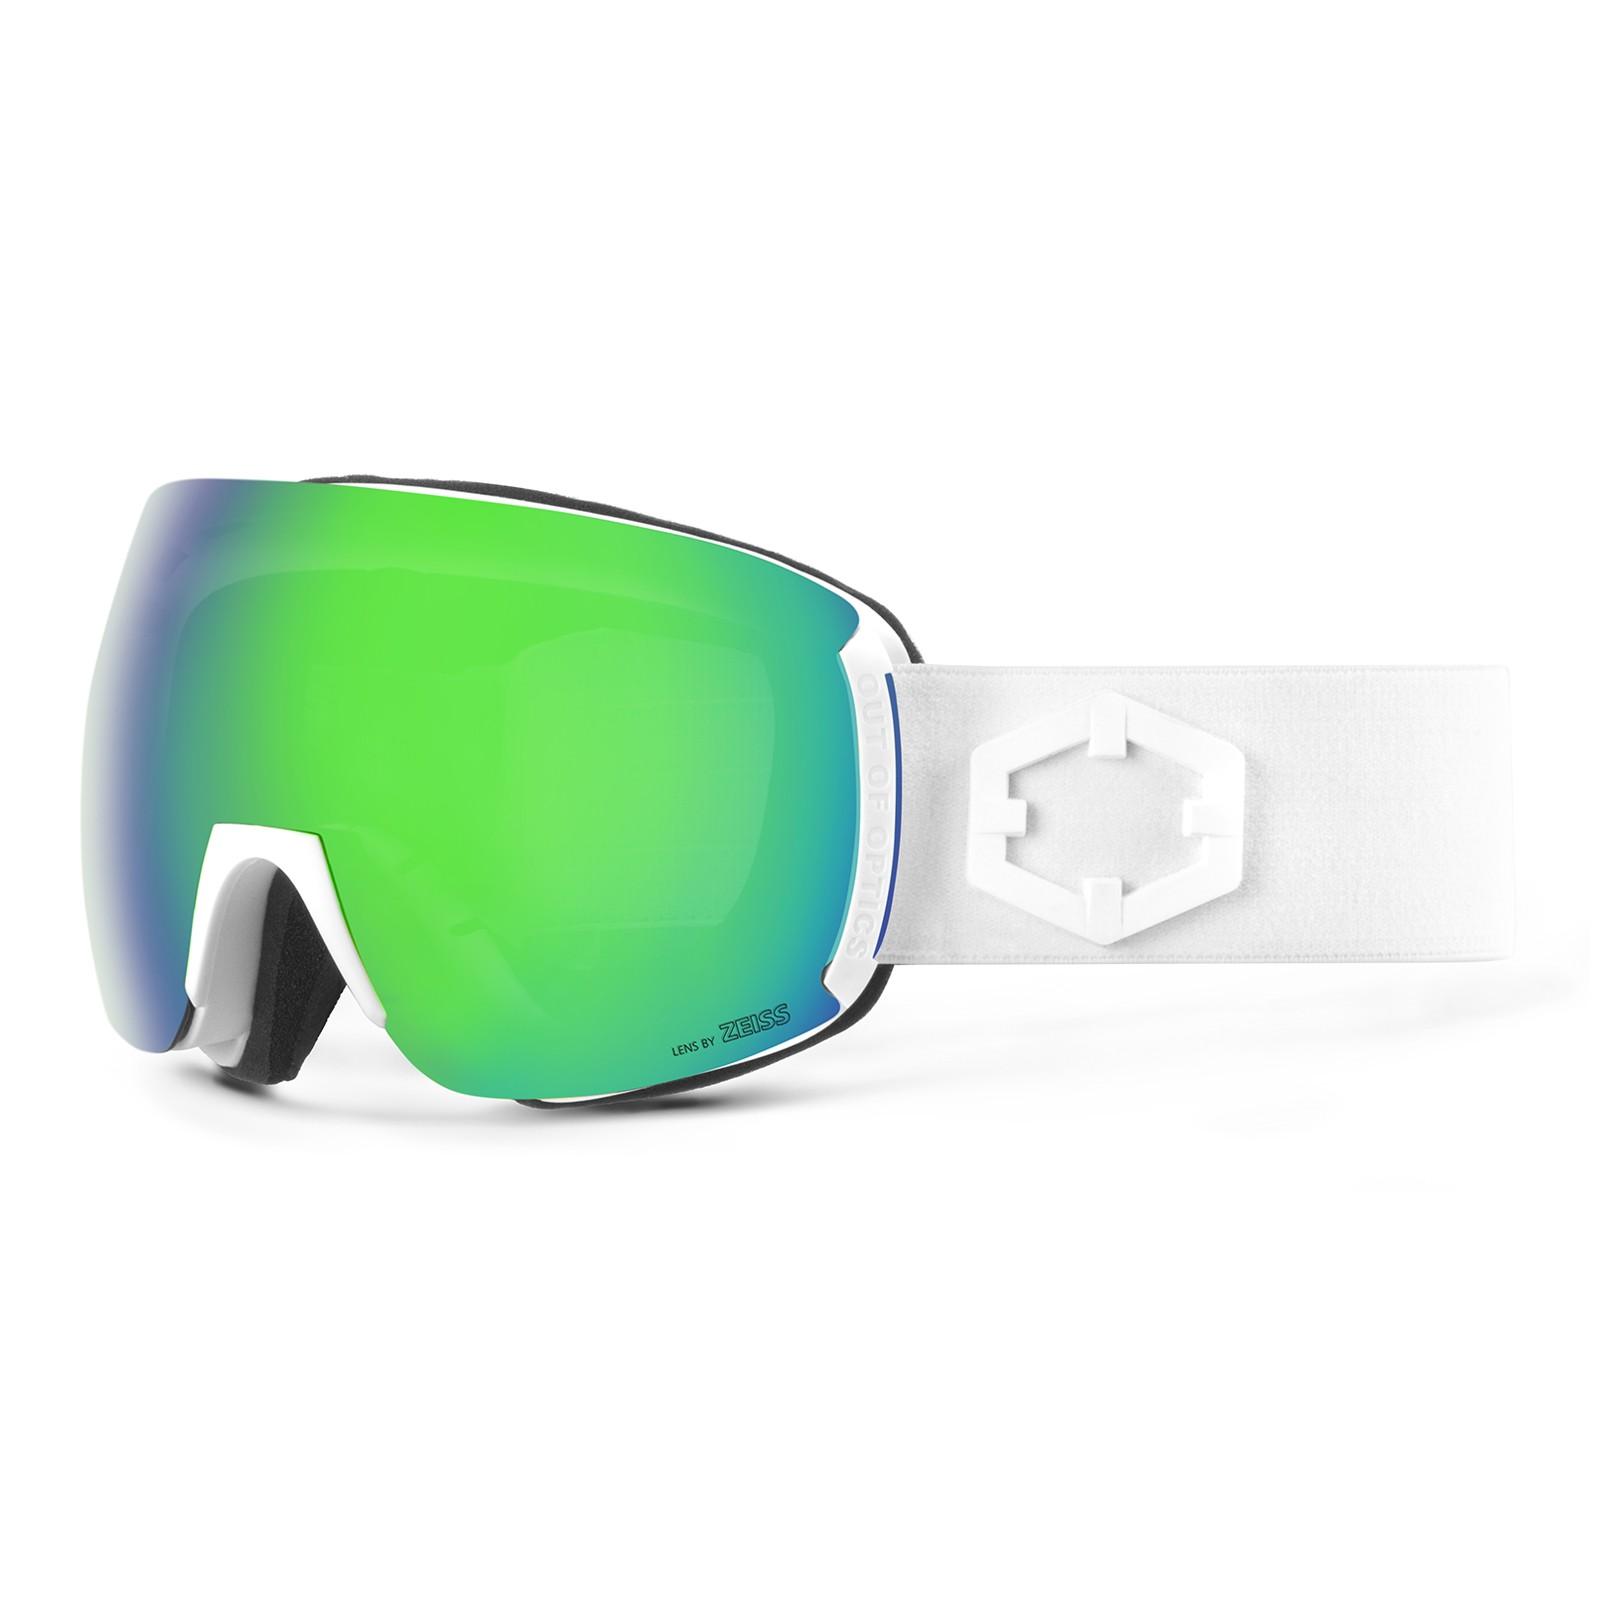 Earth White Green mci goggle